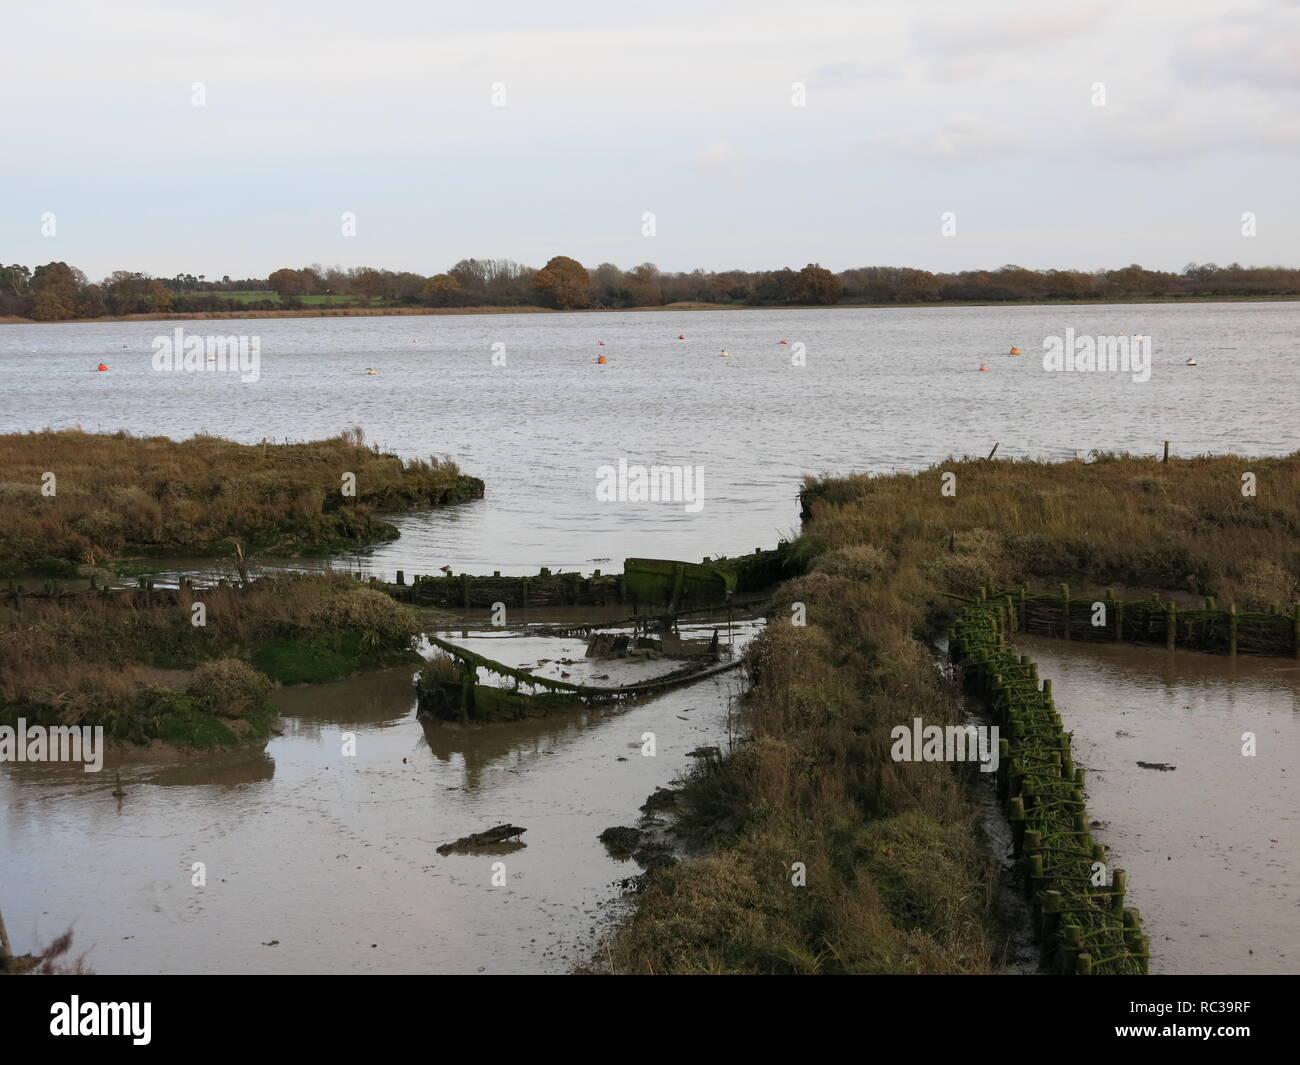 Una vista del estuario del río deben, una Zona de Excepcional Belleza Natural, con la marisma salada marismas y hábitats, y paseos para excursionistas Foto de stock